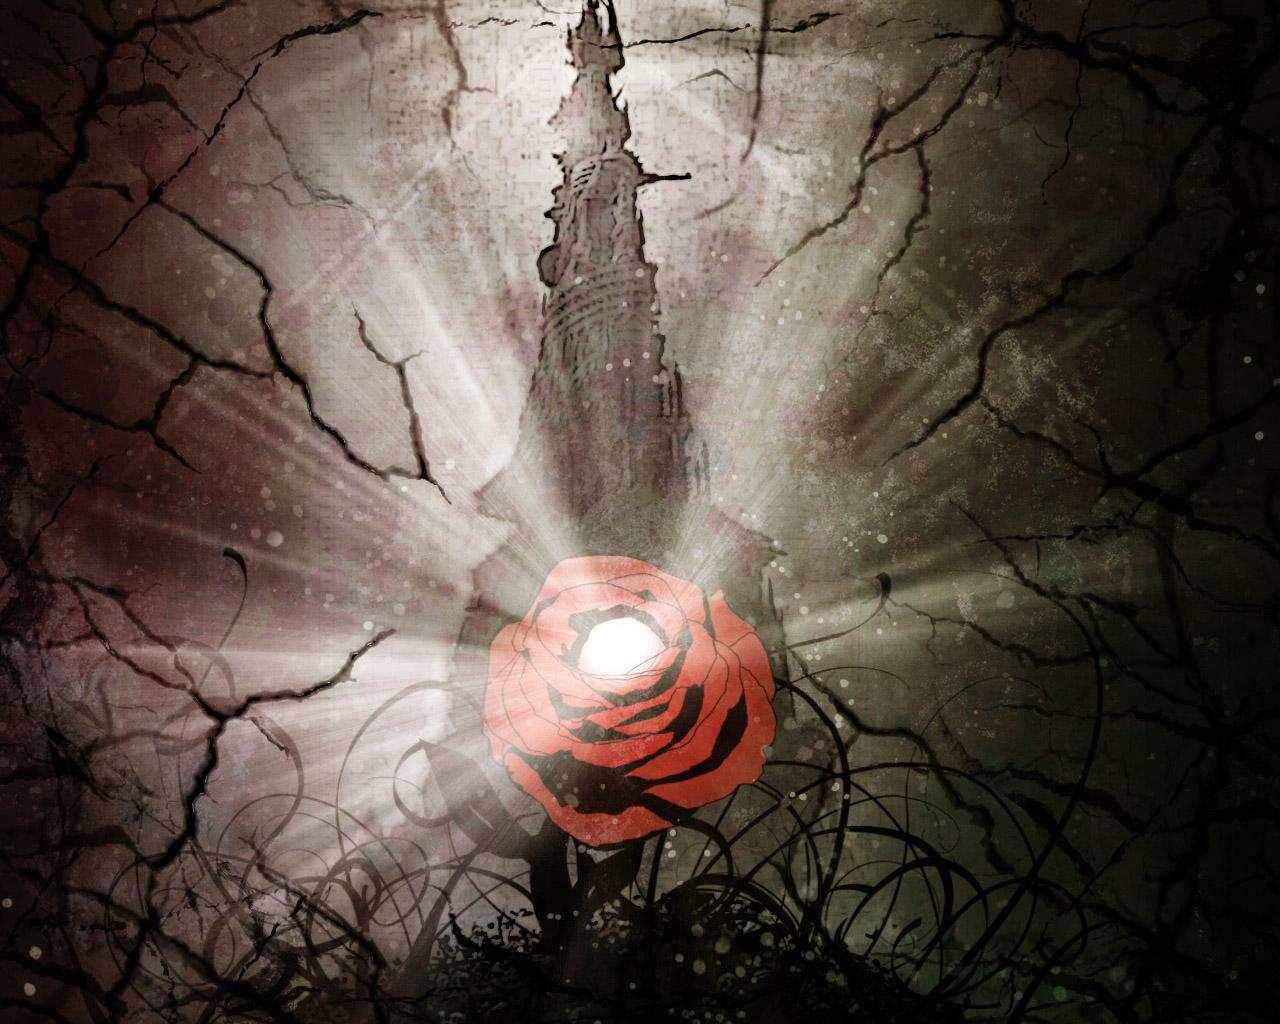 <img333*0:http://orig15.deviantart.net/d439/f/2009/047/e/c/the_dark_tower_by_luke314pi.jpg>